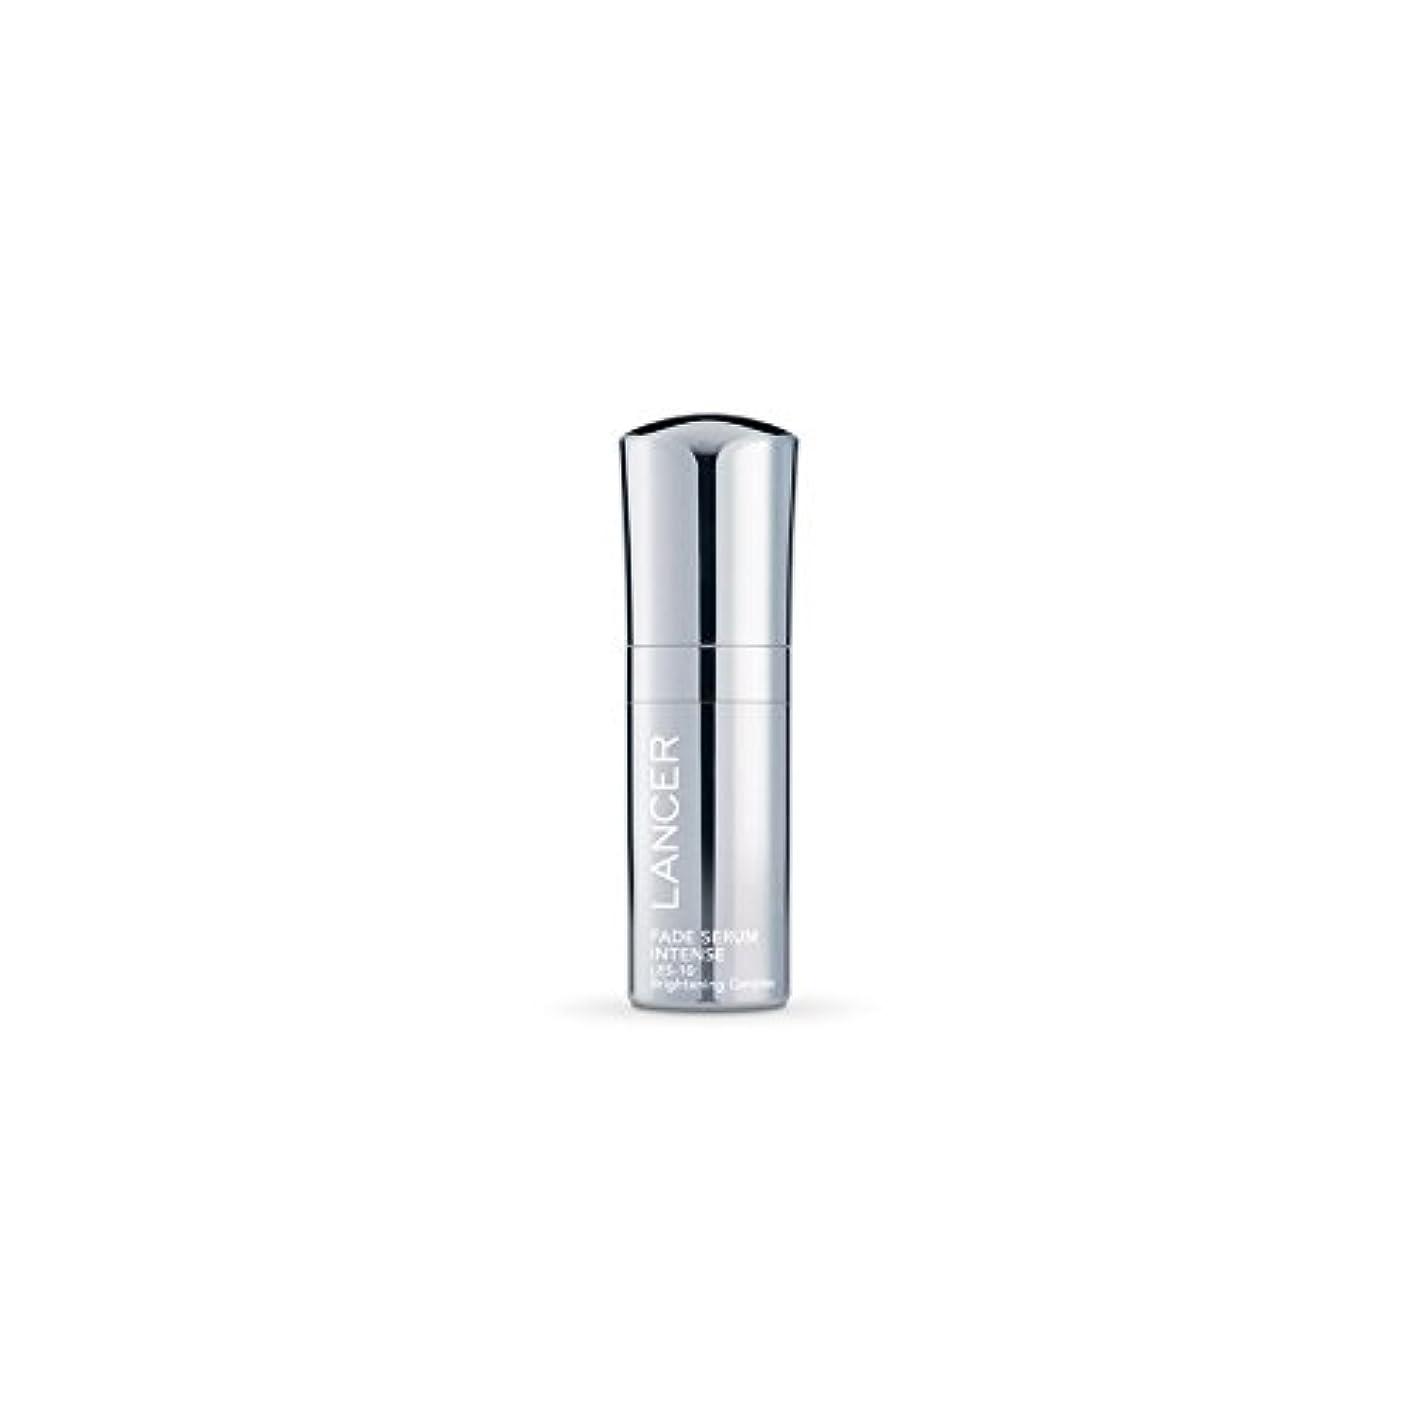 出力ギネス特殊Lancer Skincare Fade Serum Intense (30ml) (Pack of 6) - 強烈ランサースキンケアフェード血清(30ミリリットル) x6 [並行輸入品]